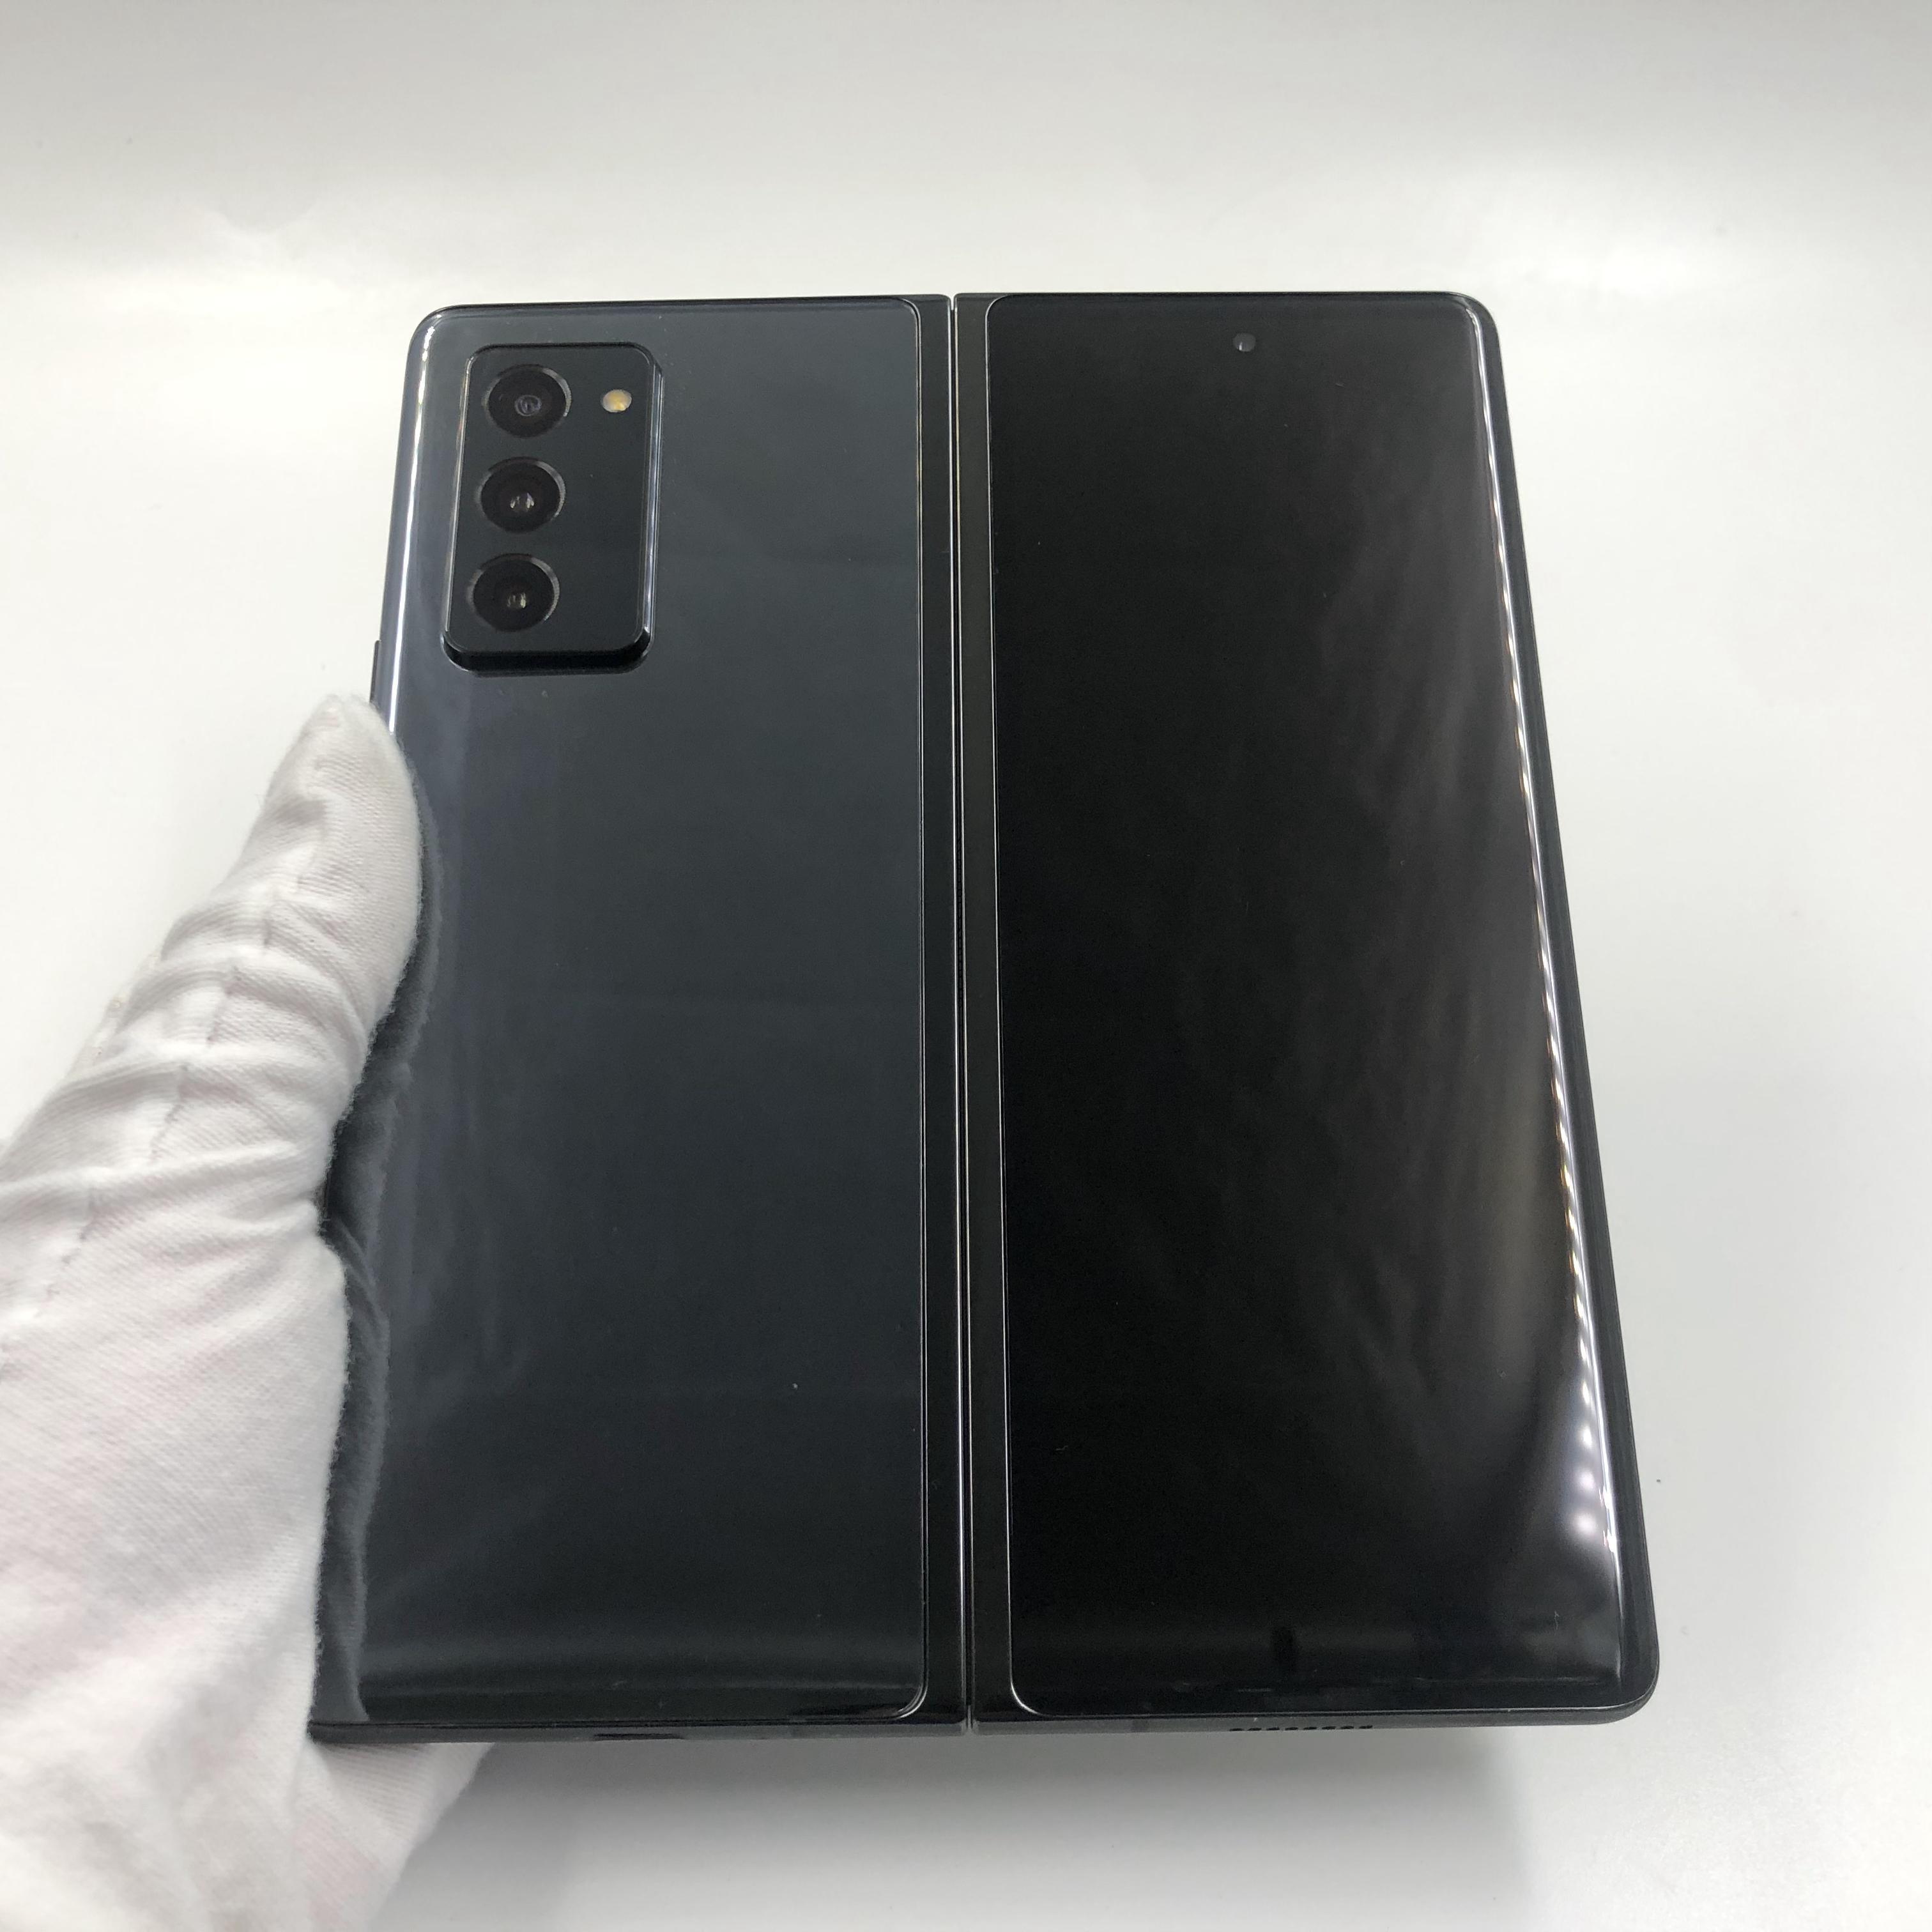 三星【Galaxy Z Fold2 5G】5G全网通 松烟墨 12G/512G 国行 8成新 真机实拍原包装盒+配件